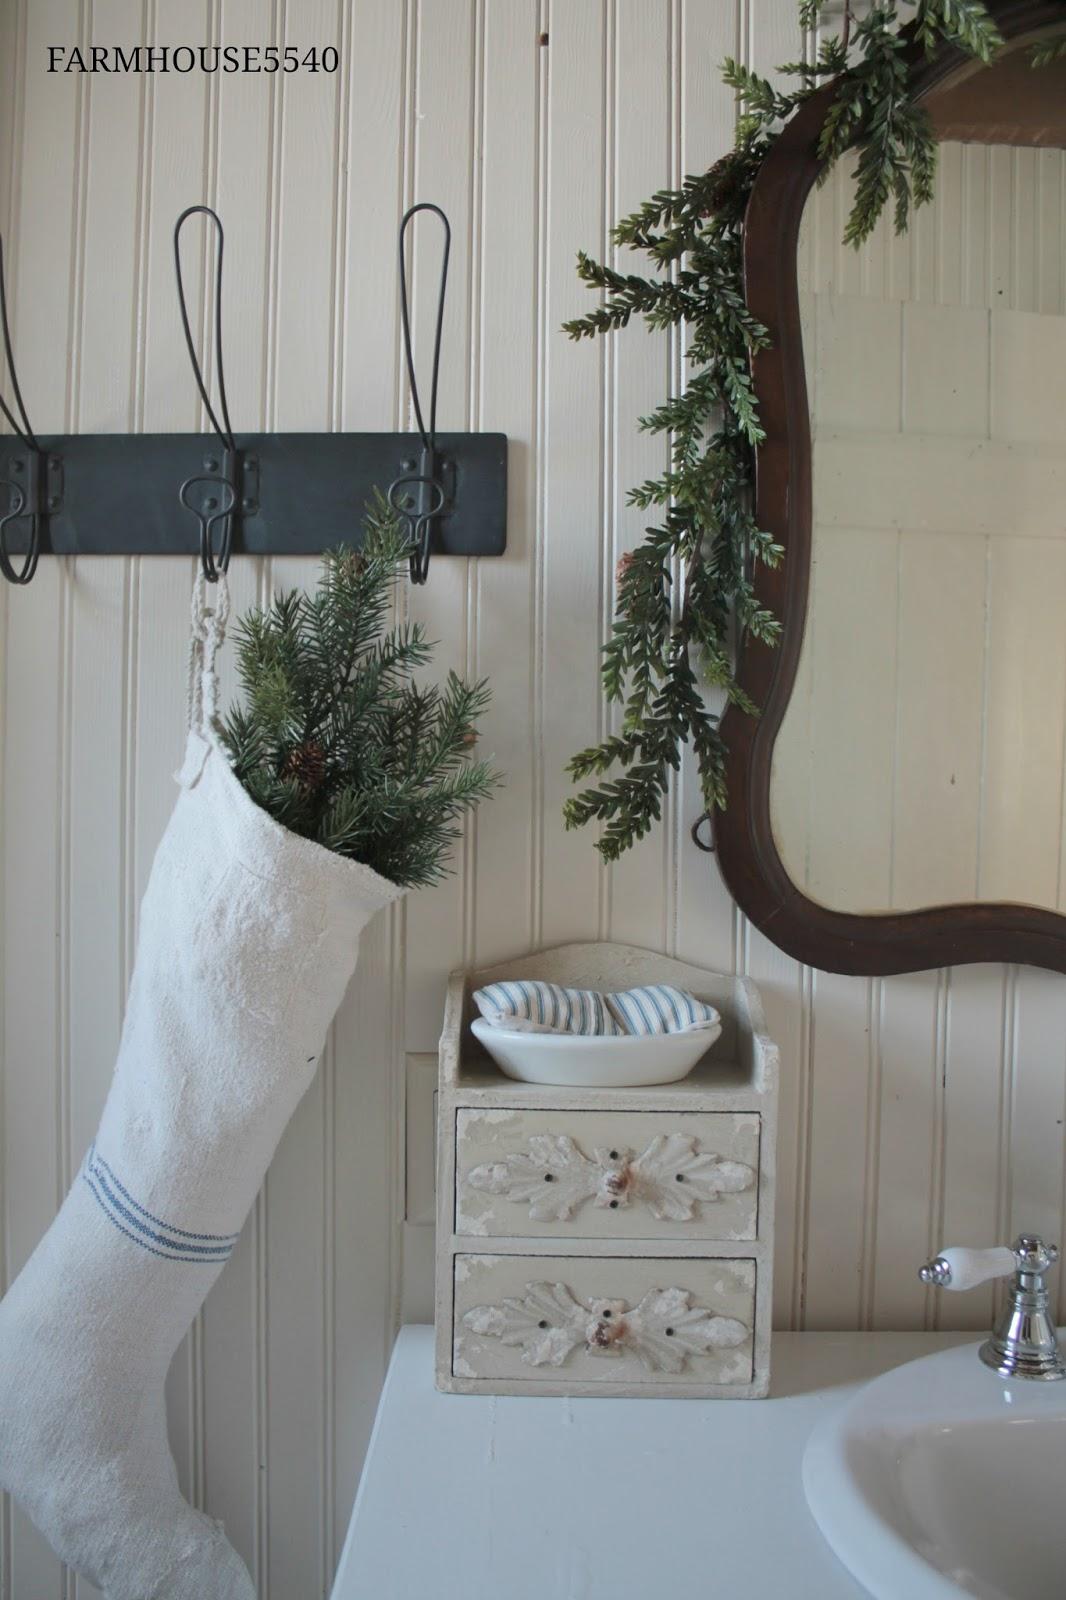 FARMHOUSE 5540: Farmhouse Bathroom At Christmas